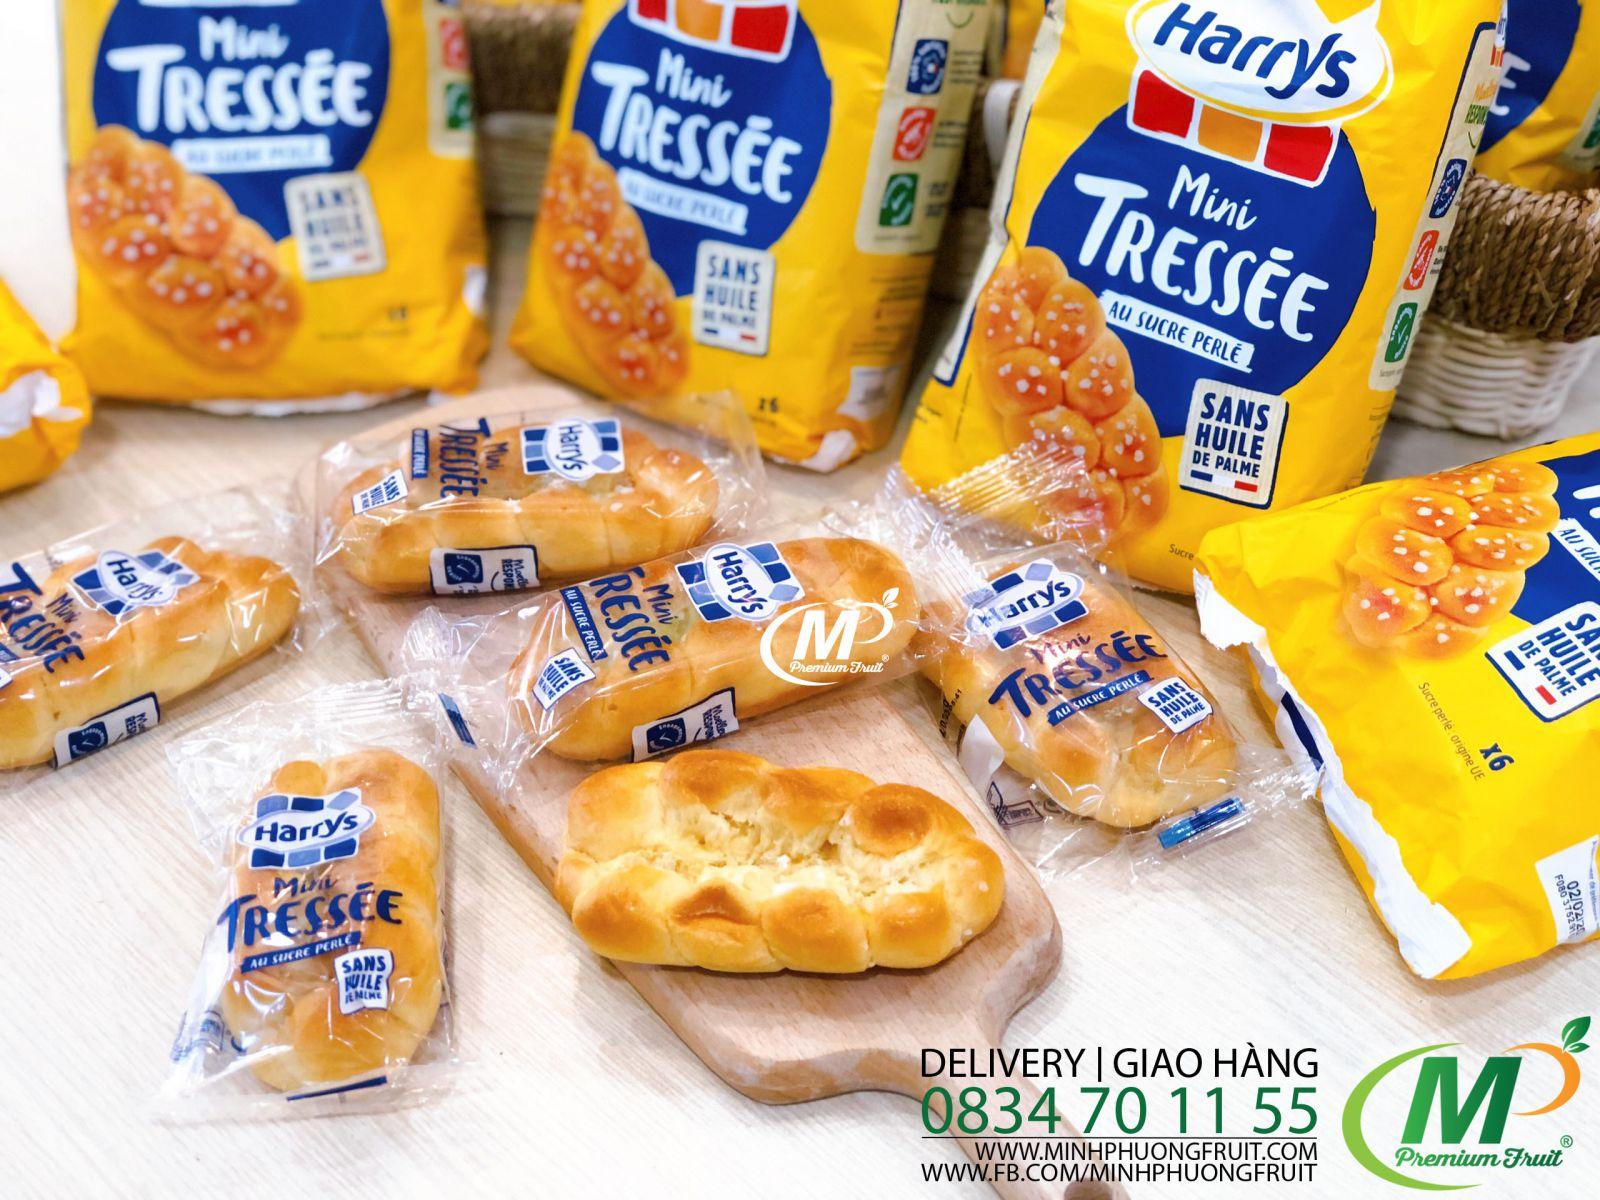 Bánh Mì Hoa Cúc Pháp - Harrys Brioche Tressée 210g